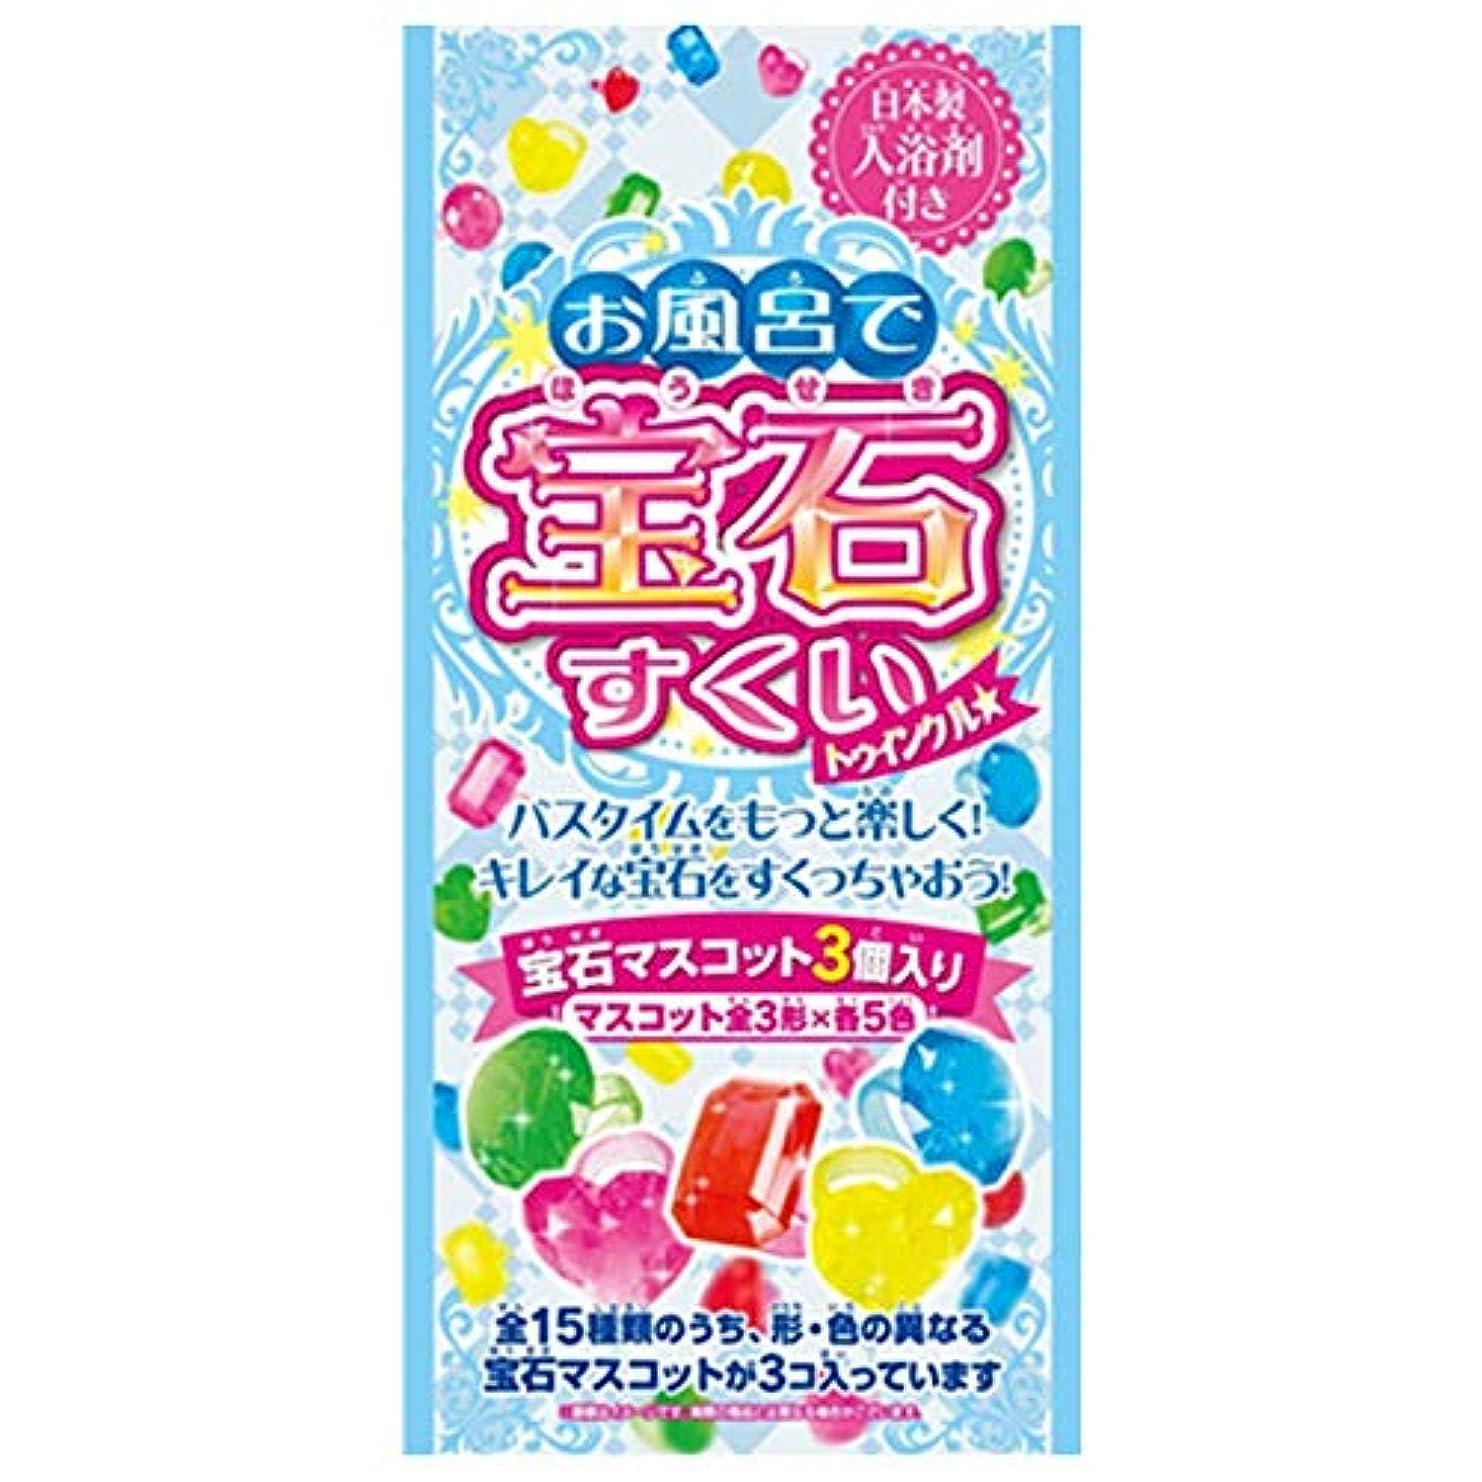 革命命令的ウェイドお風呂で宝石すくい トゥインクル 25g(1包入)